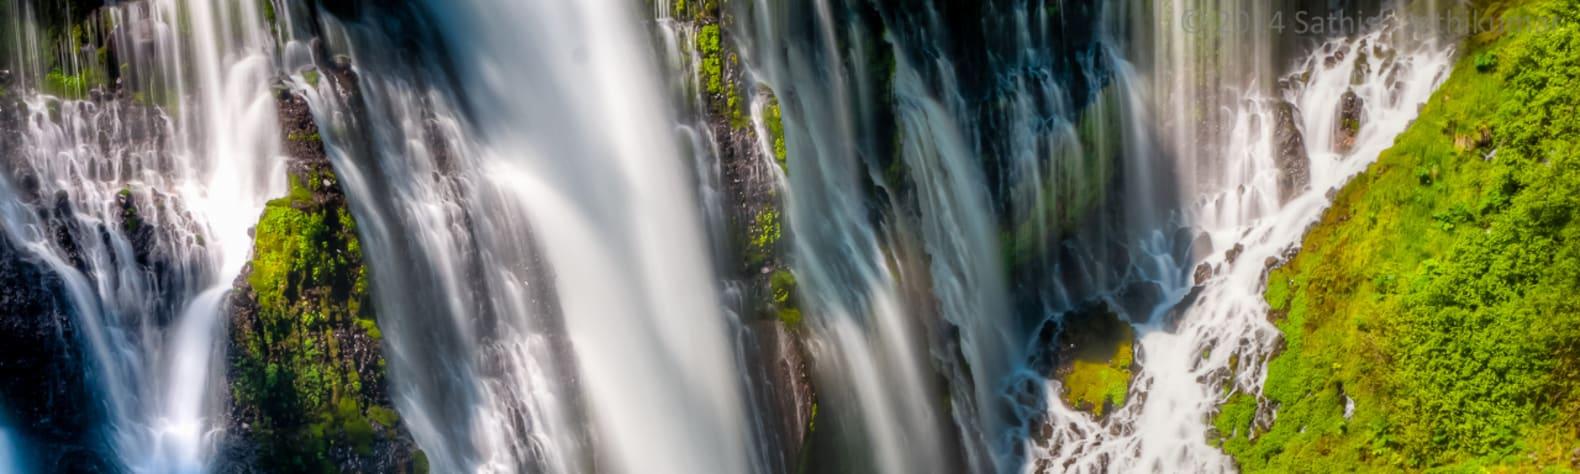 McArthur-Burney Falls Memorial State Park